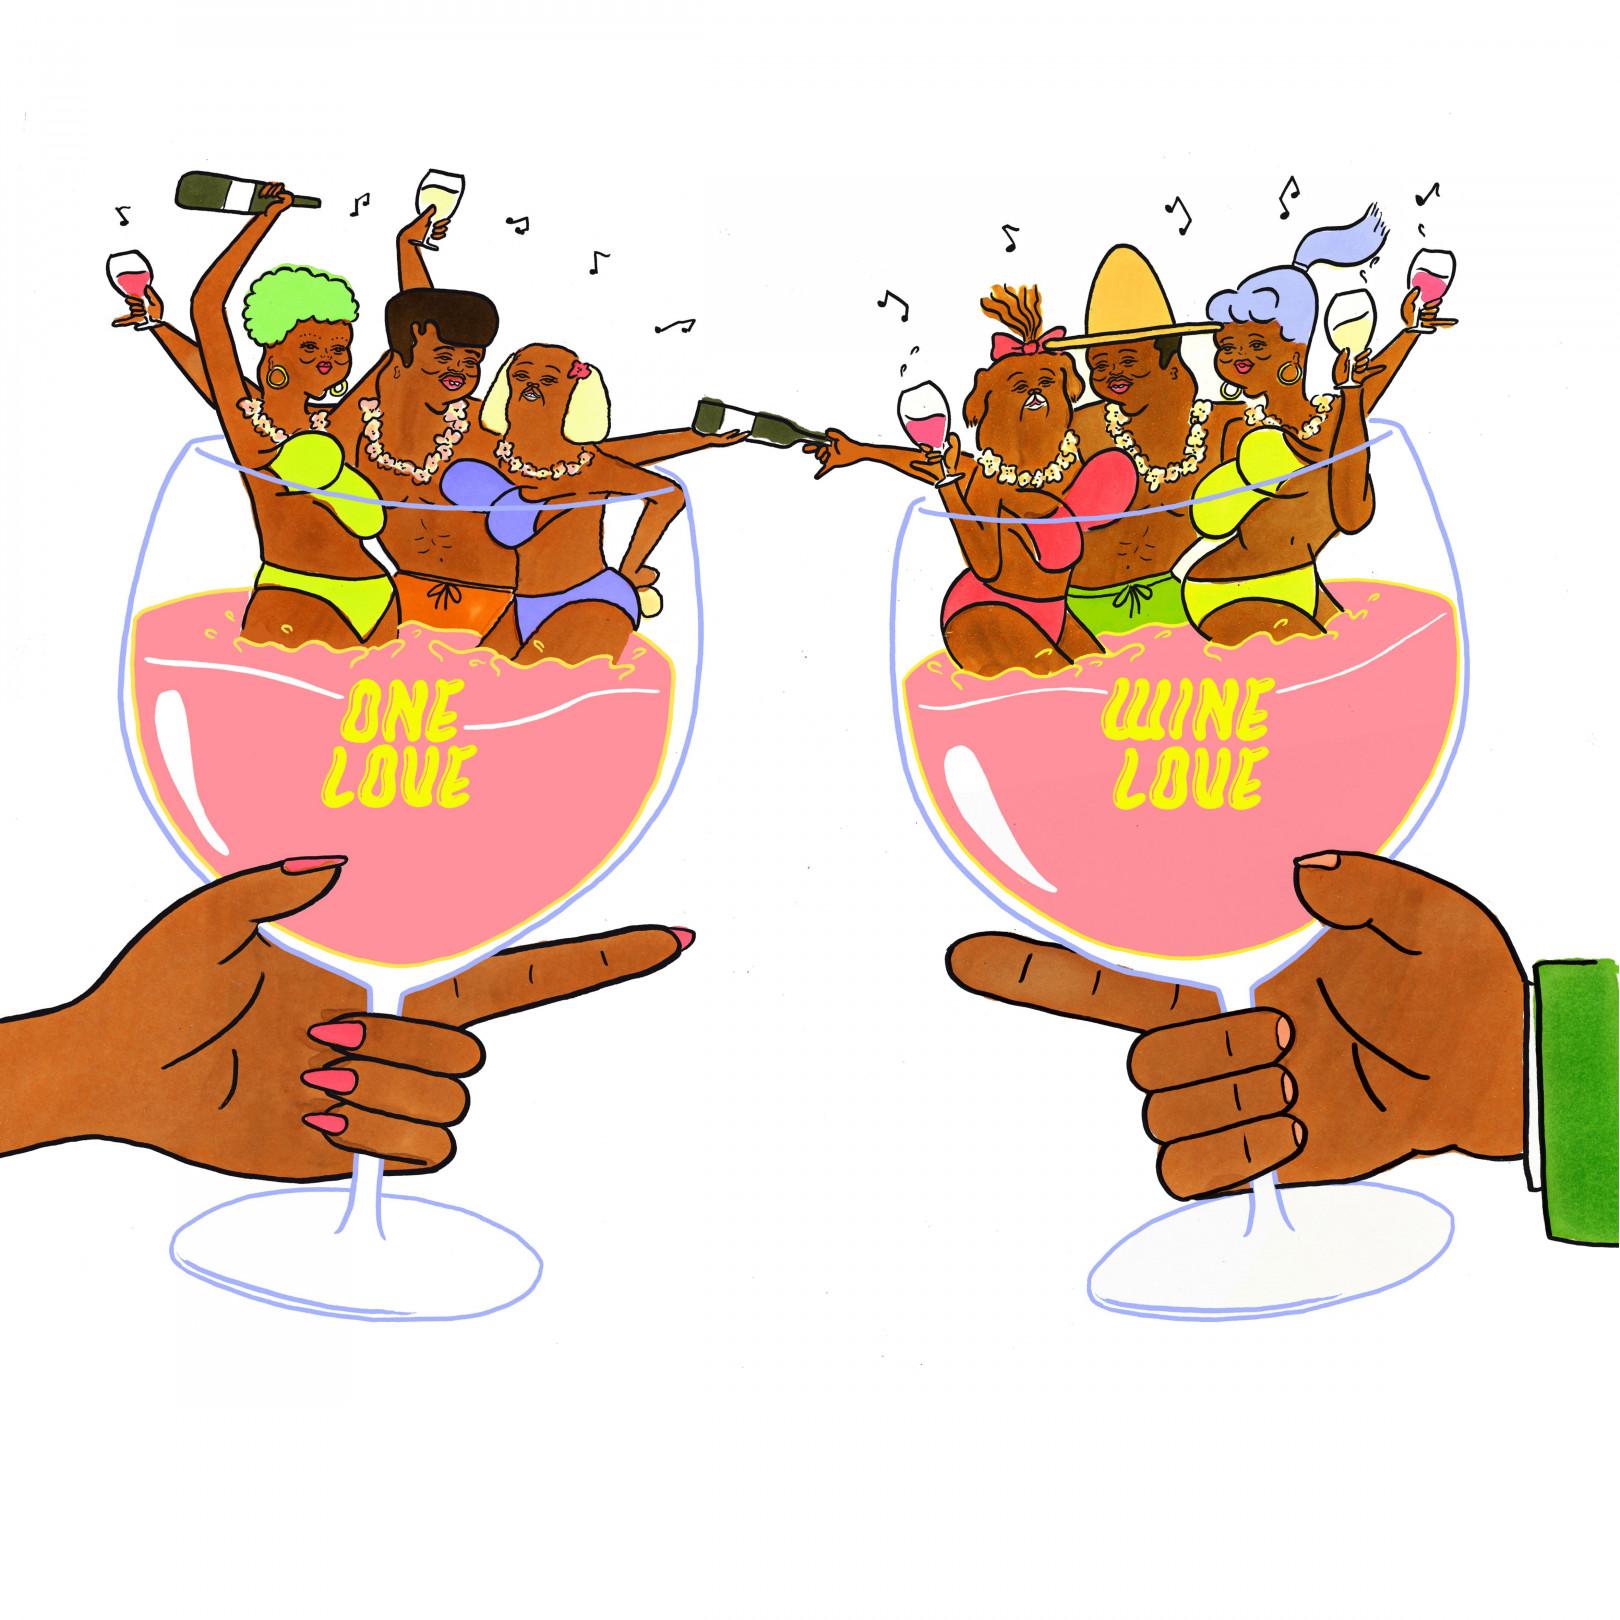 美味しいワインを楽しめるイベント「ONE LOVE,WINE LOVE -Let's get together and feel all right-」開催